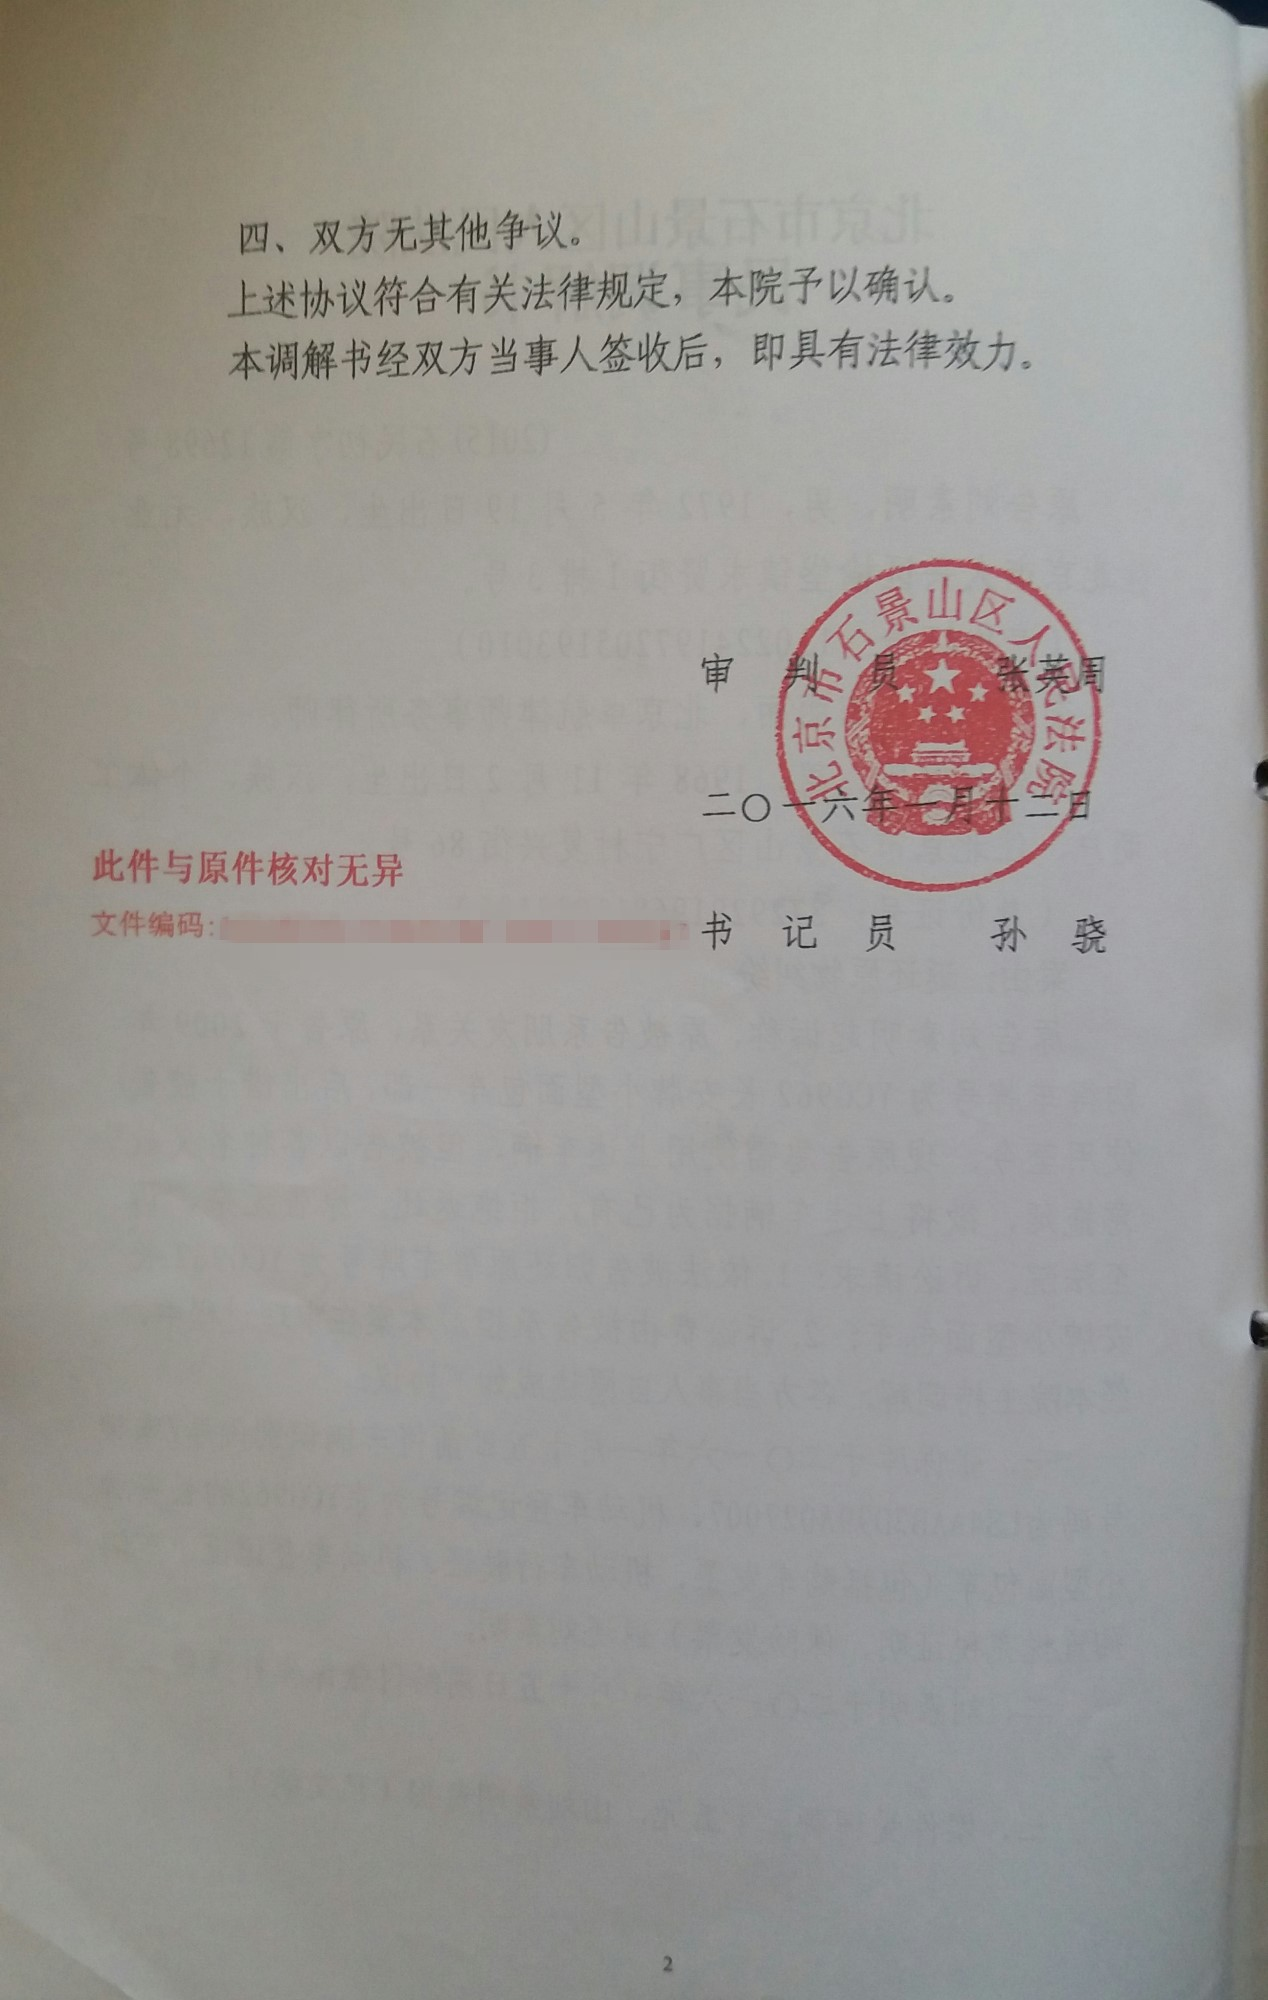 刘某返还原物纠纷案案例